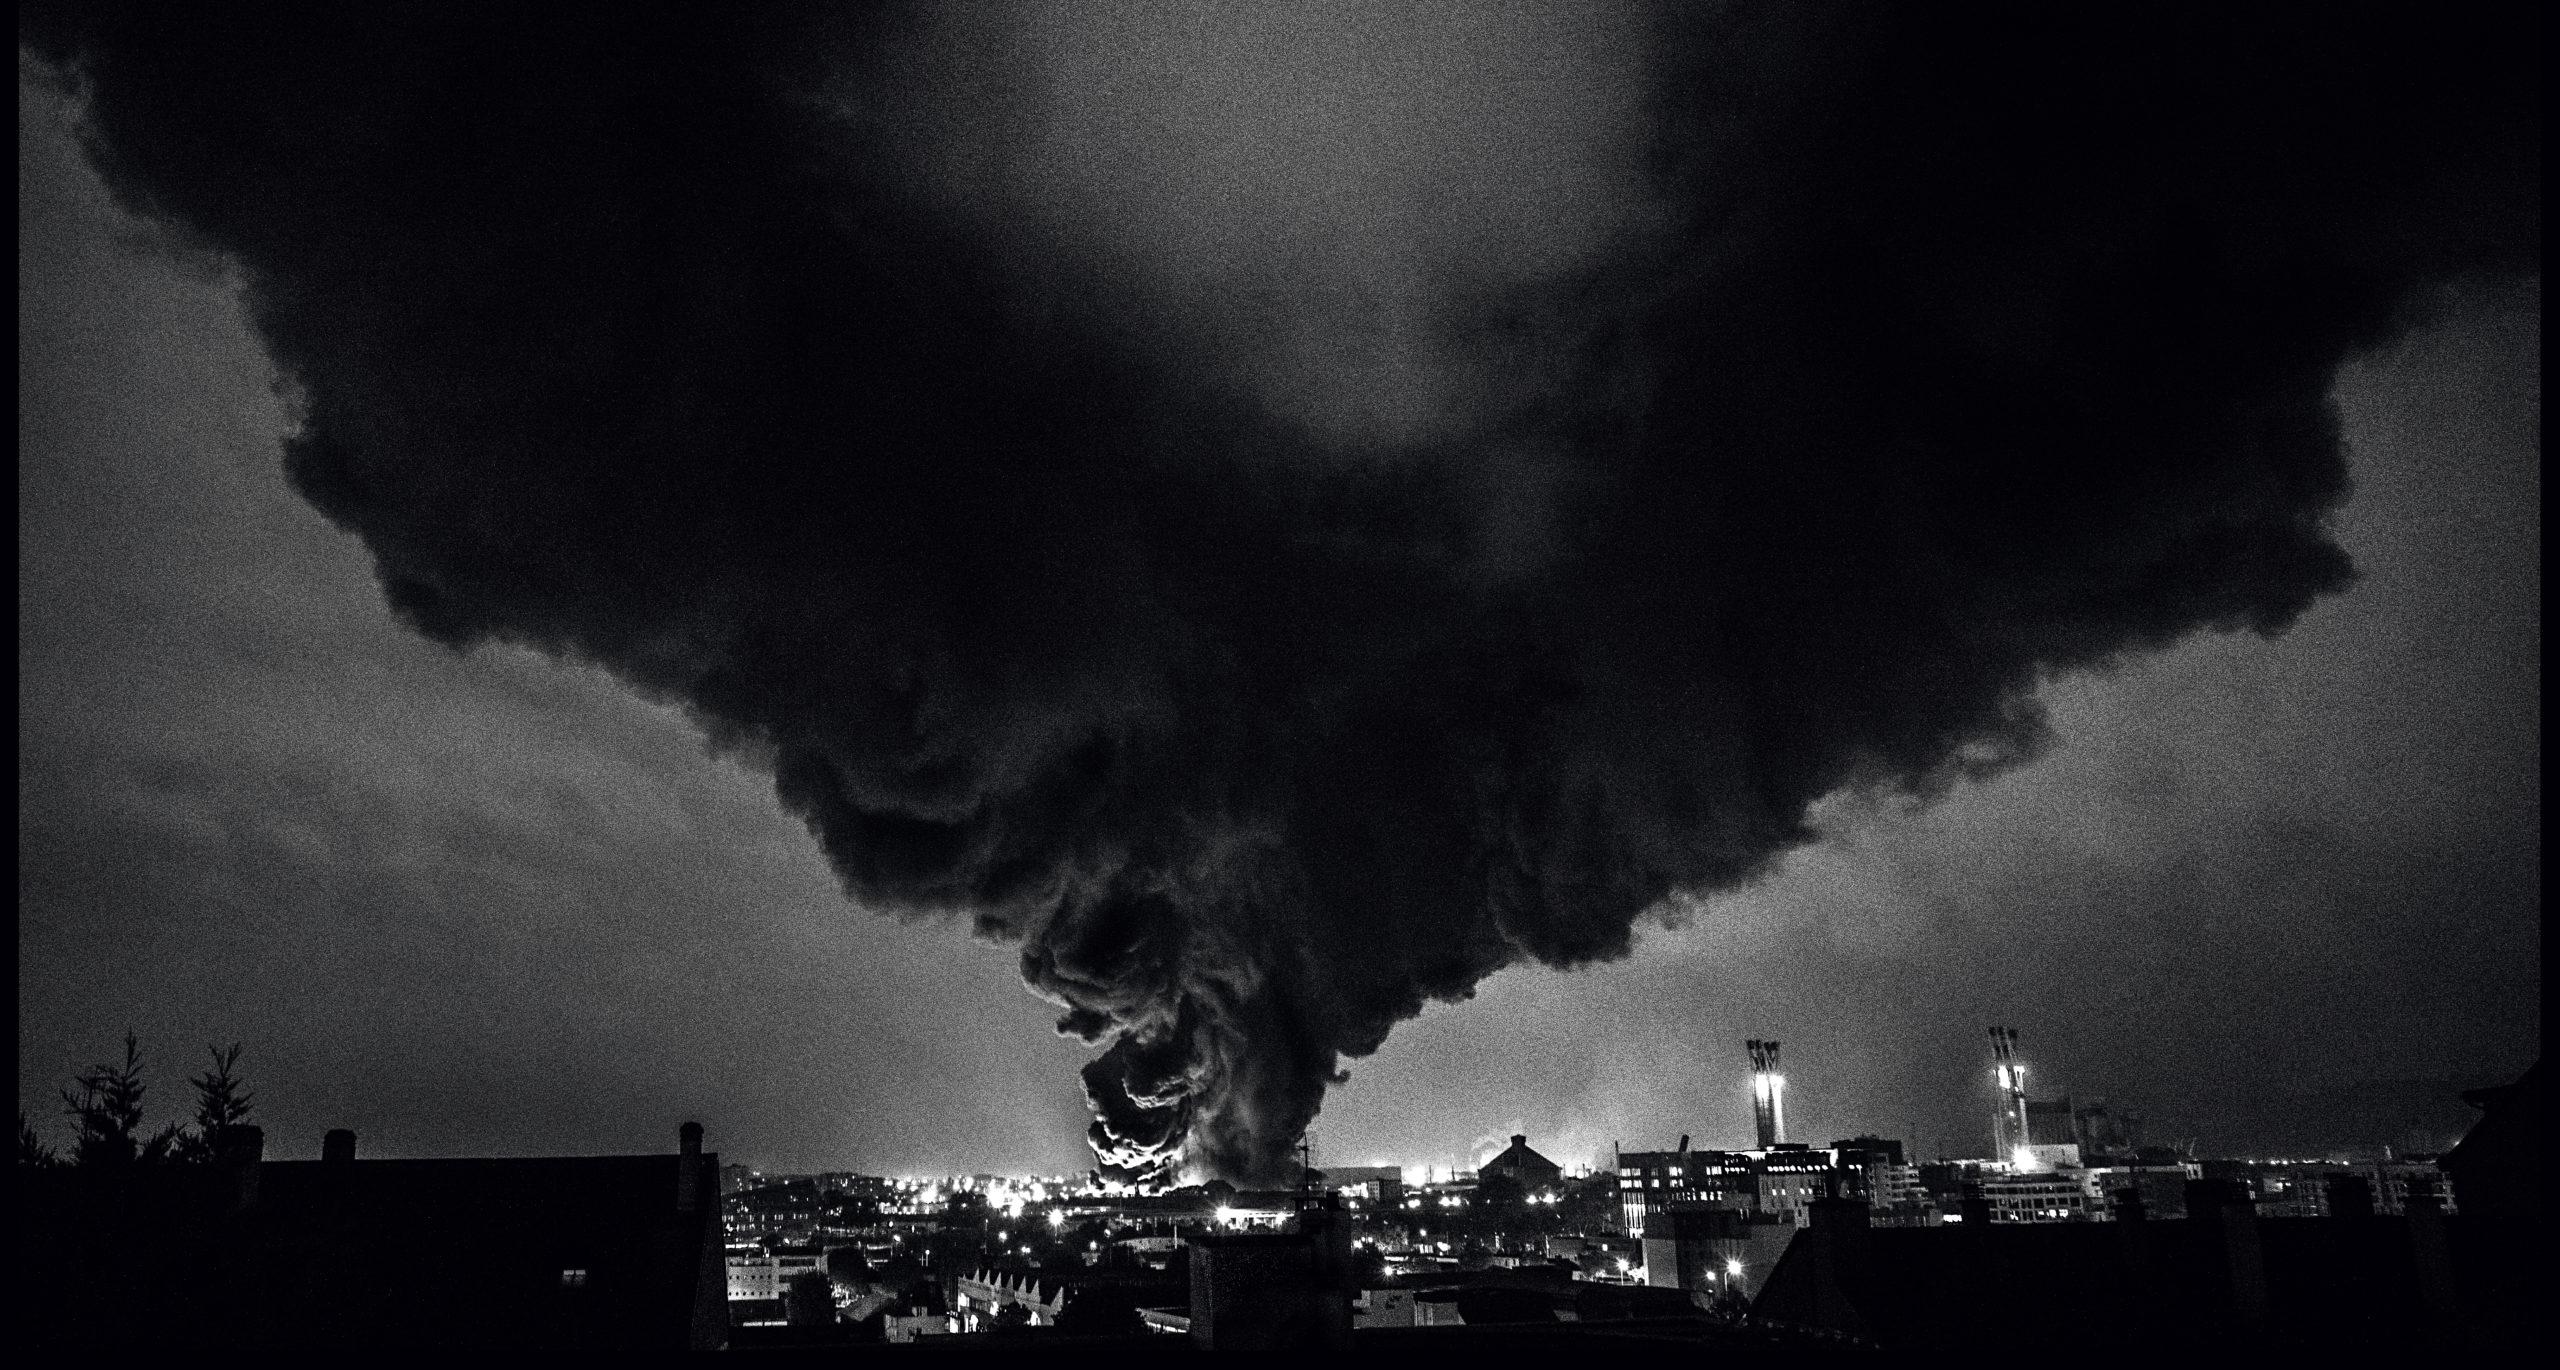 pres-de-10000-tonnes-de-produits-chimiques-ont-brule-dans-l-incendie-de-l-usine-lubrizol-ainsi-que-chez-son-voisin-normandie-logistique.